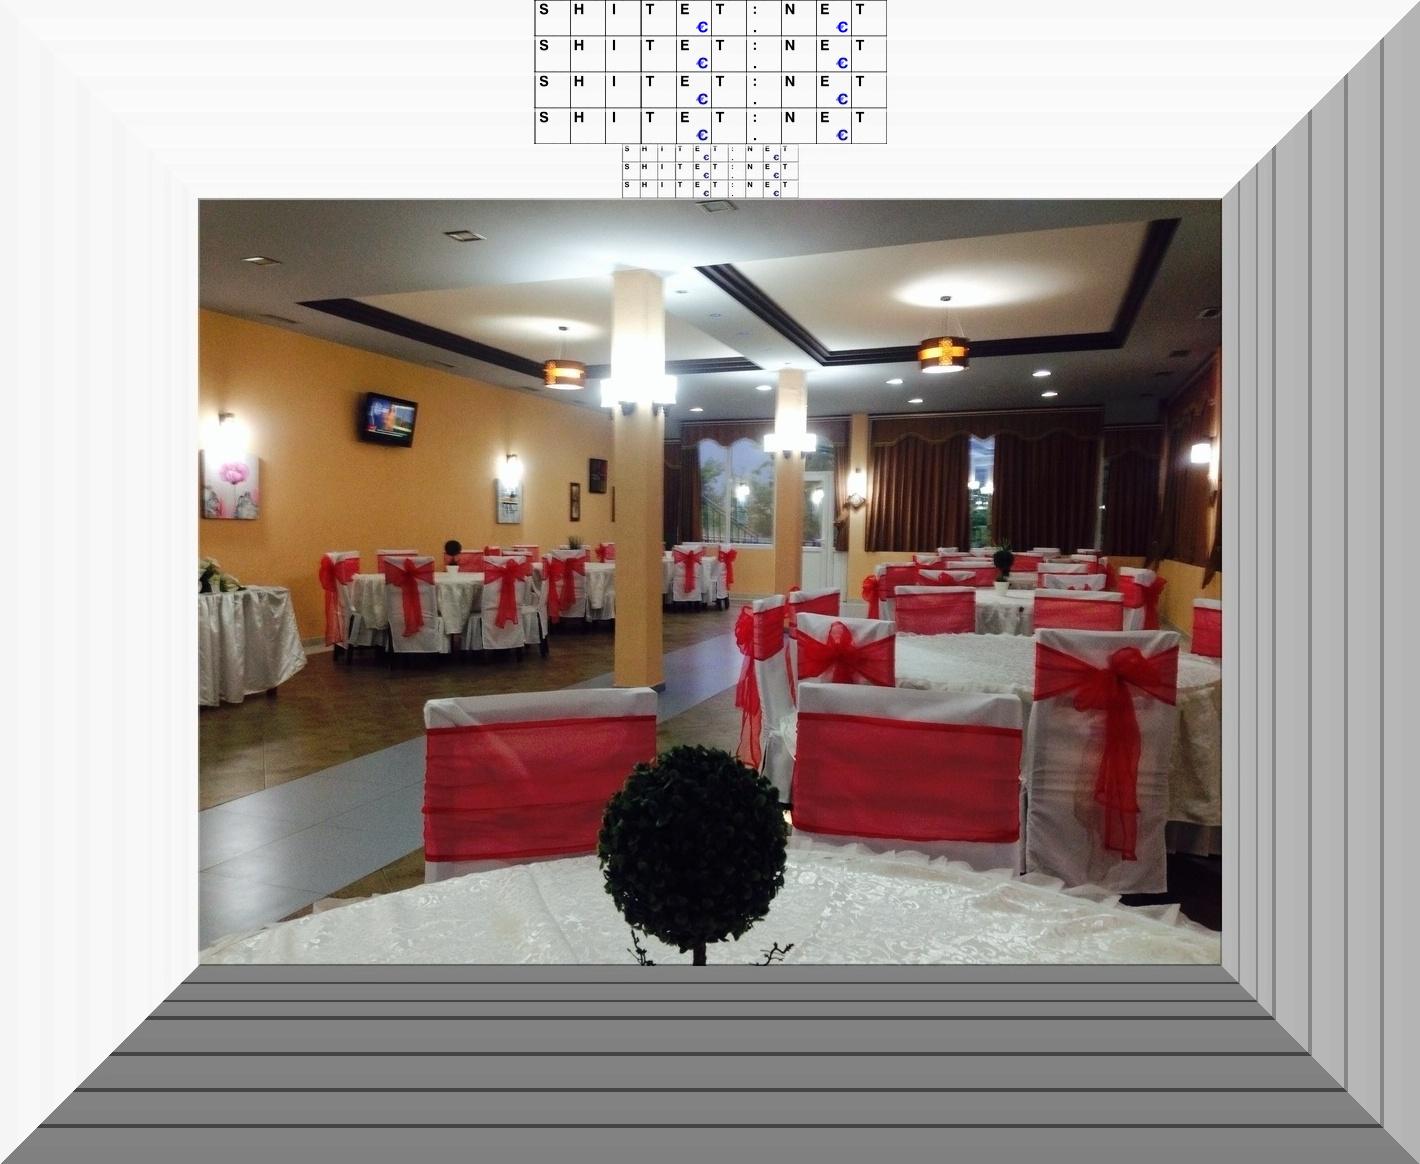 Ambjente biznes si; restorant dasmash,motel,Pishina 2 cop, bar restorant dhe ambient lulishte. E gjith ambjenti esht 2820 meter katror.